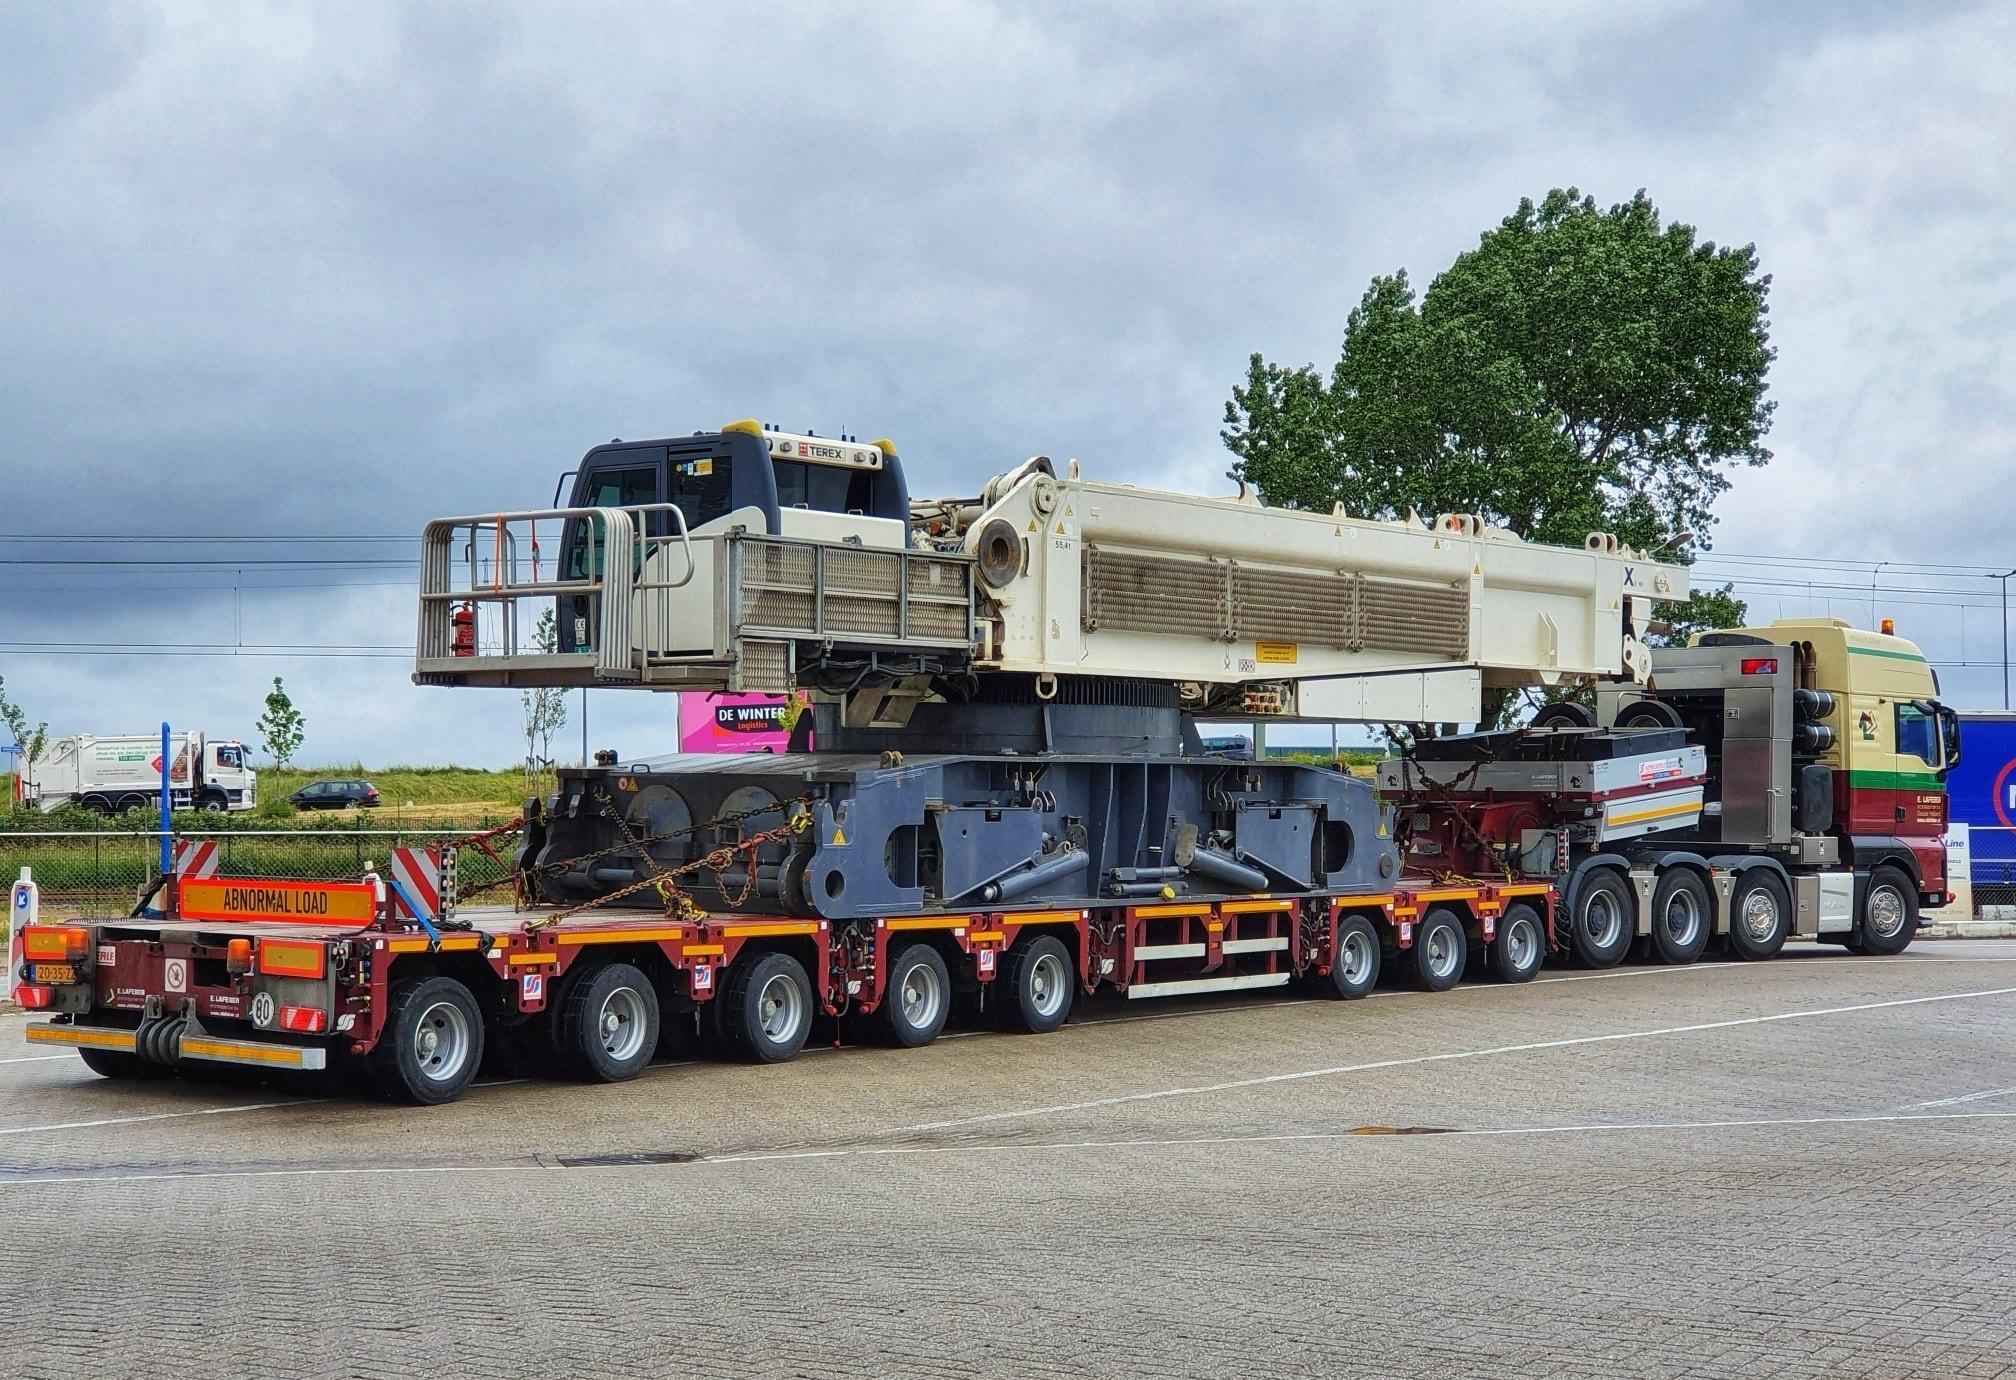 Man-tgx-41-640-8x4-met-SCHEUERLE-Fahrzeugfabrik-8-assige-moduletrailer-met-Terex-CC-33800-voor-Schotland--21-6-2021-(2)